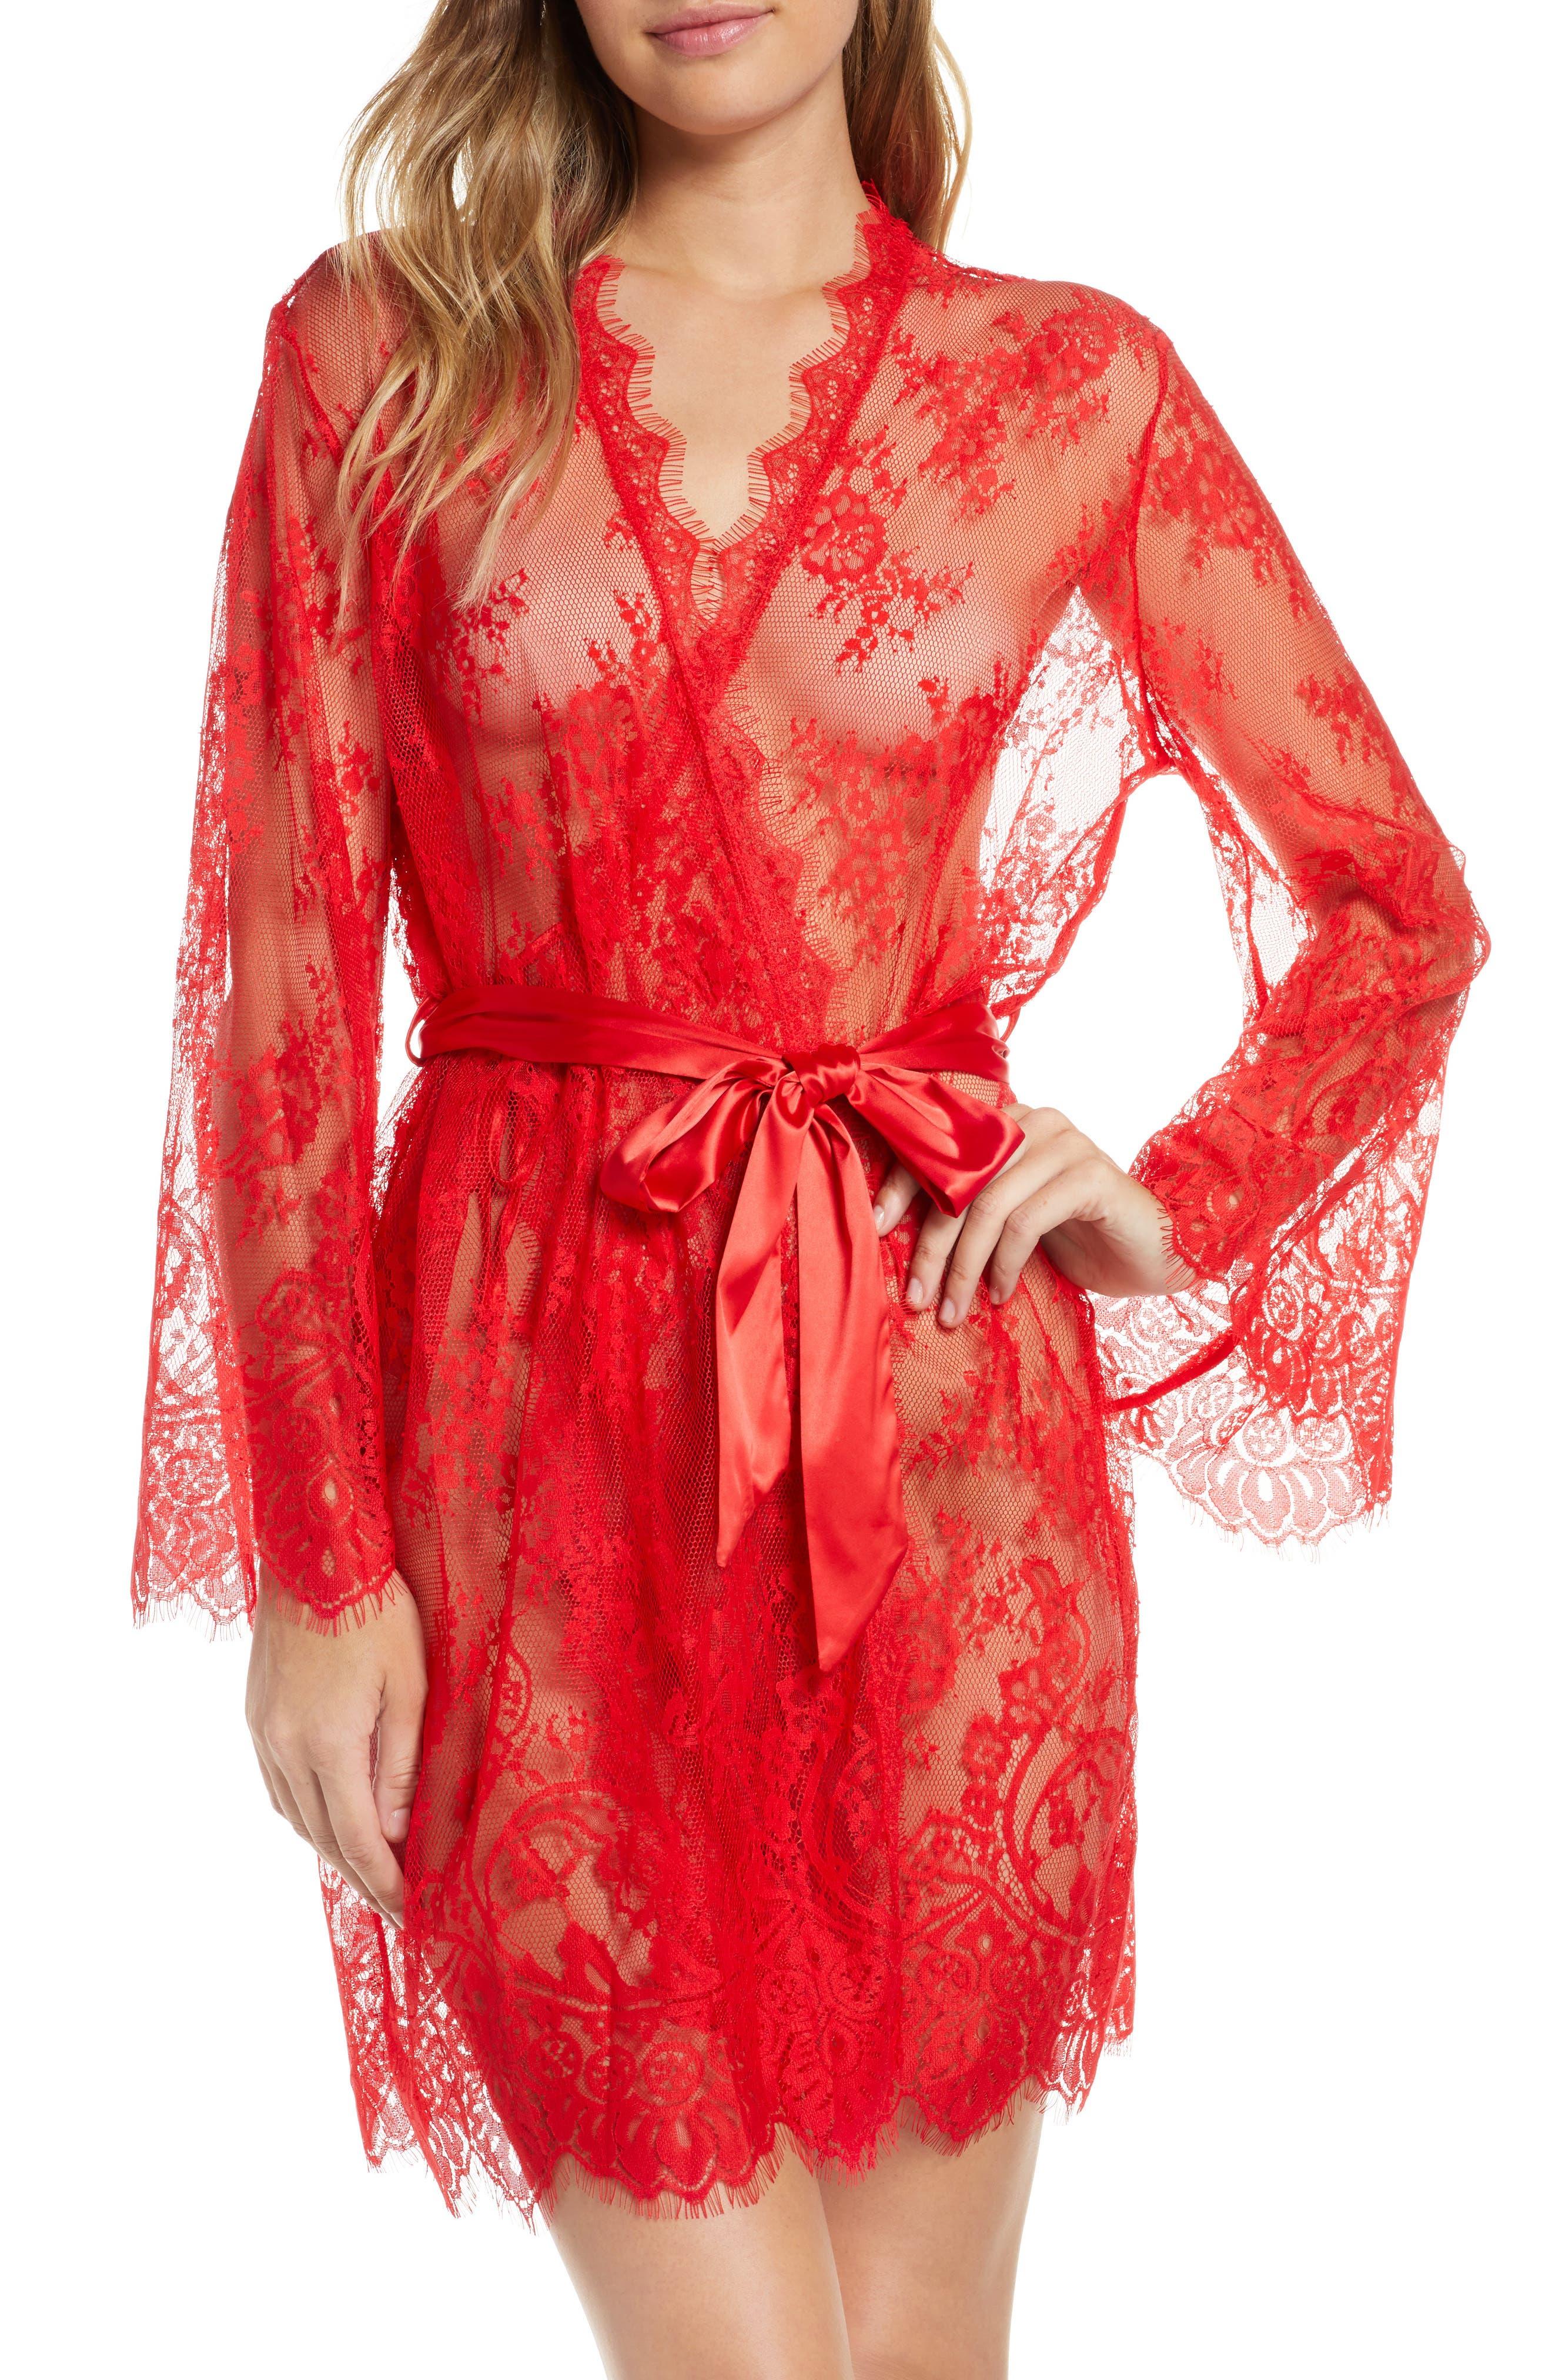 Ann Summers Saria Sheer Lace Robe